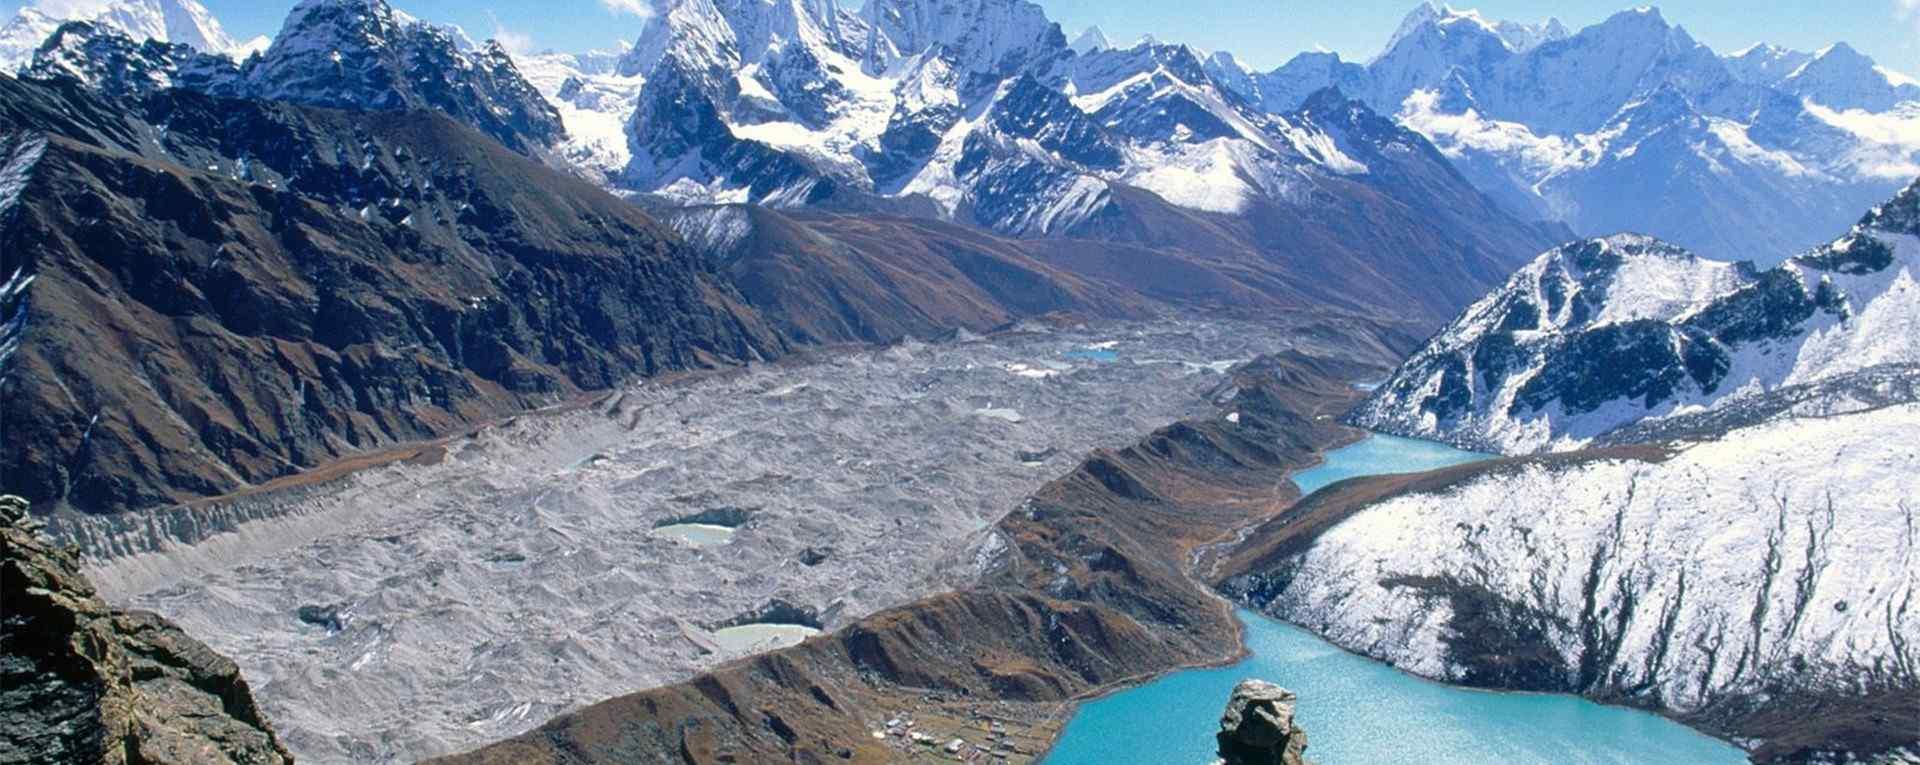 神秘天空之境尼泊尔_自然风景_宗庙建筑文化_电影等风来尼泊尔拍摄风景壁纸